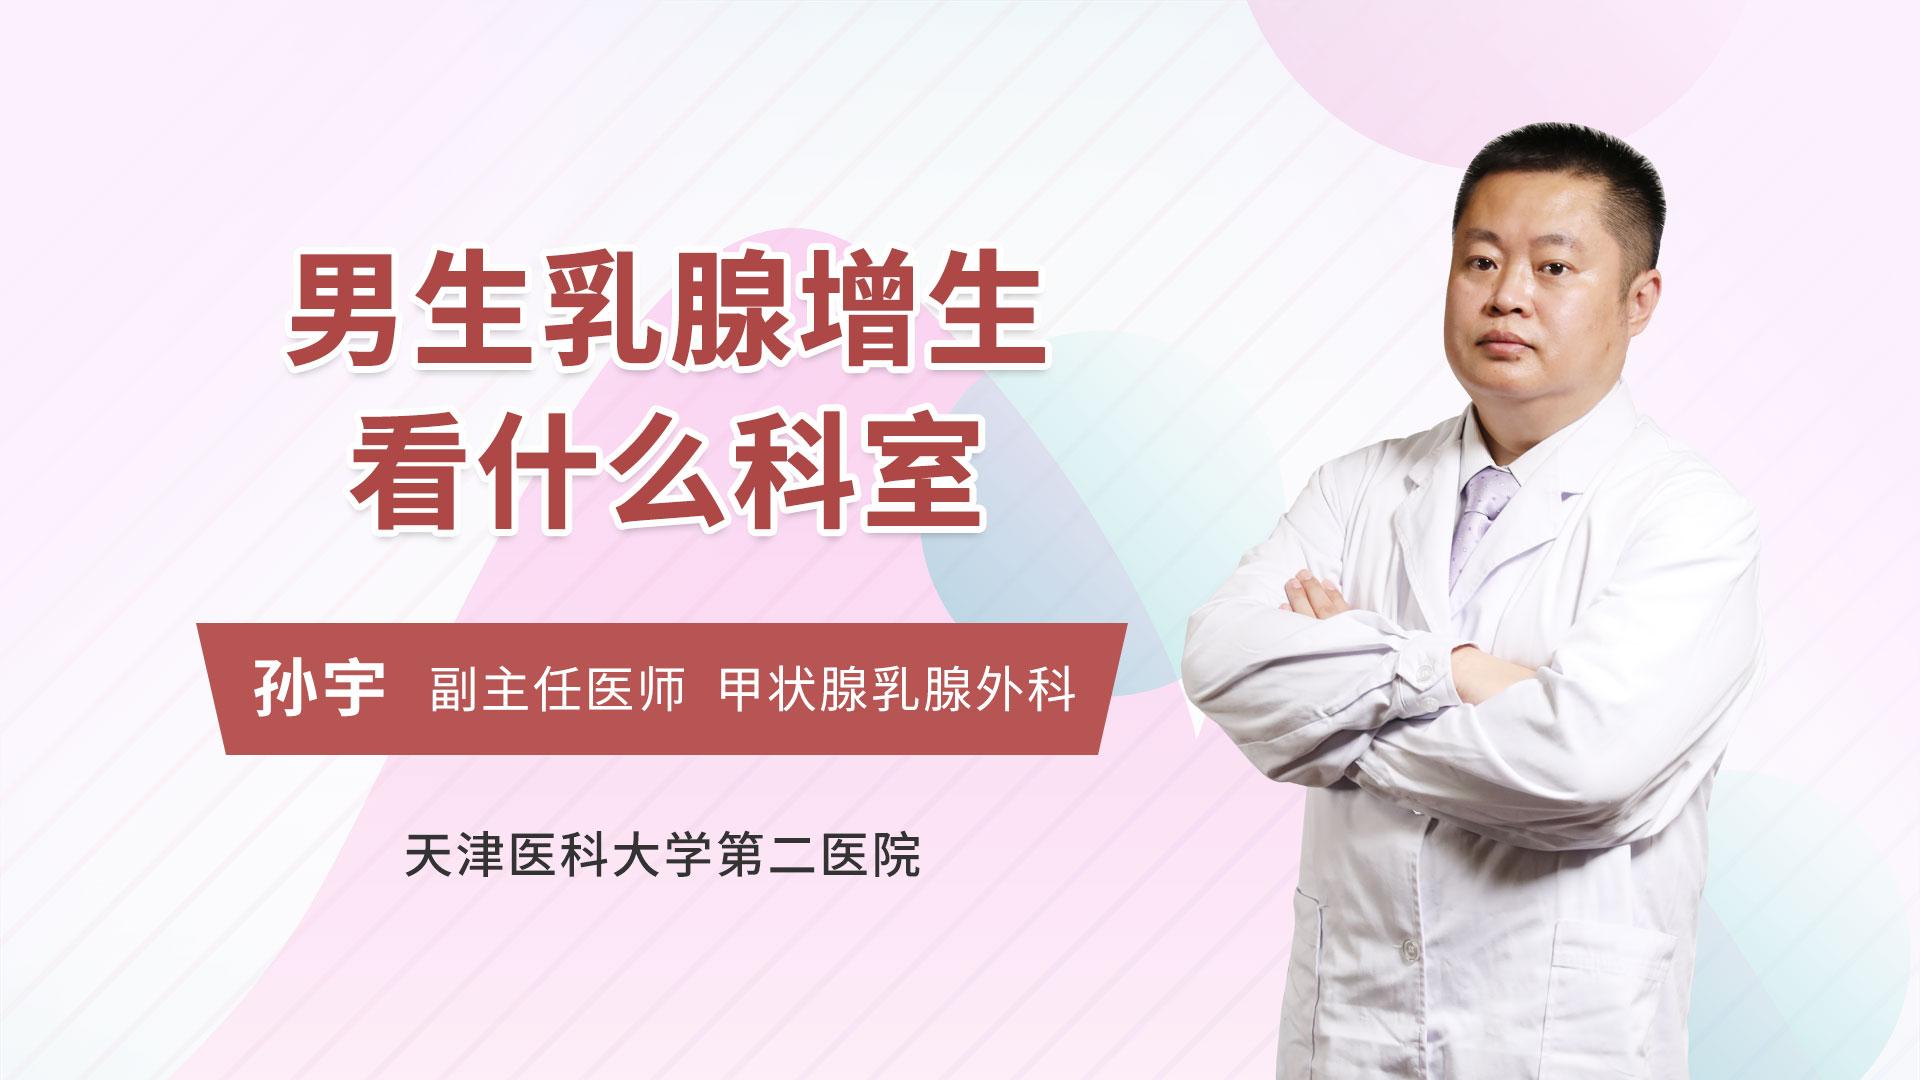 男生乳腺增生看什么科室